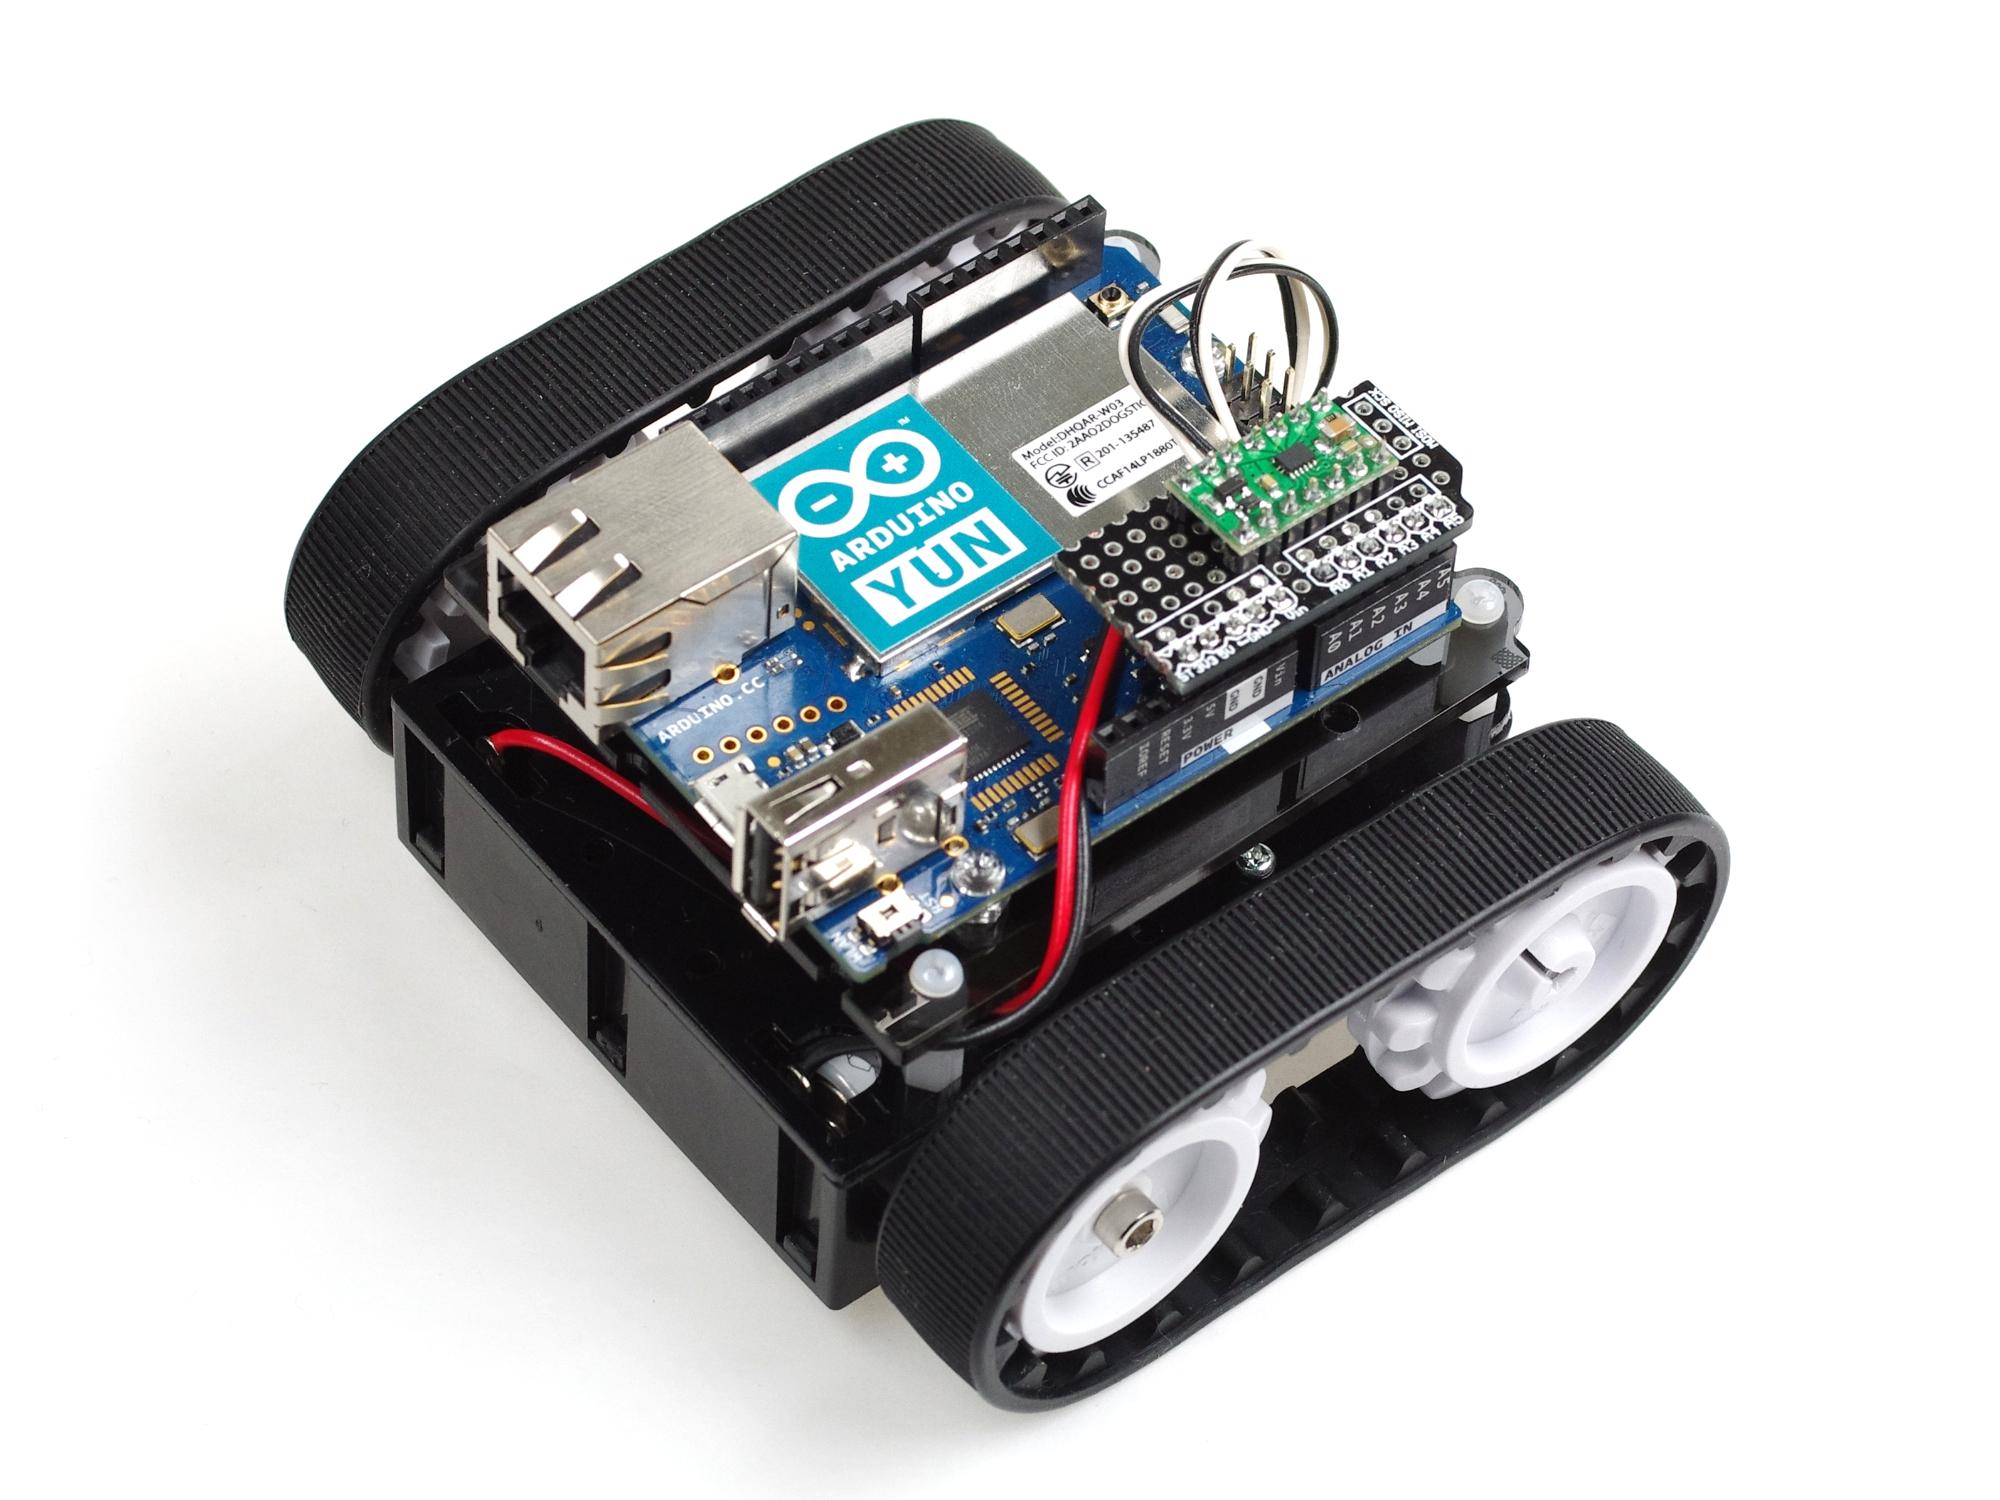 Arduino yúnでwifiラジコンをつくってみました。 スイッチサイエンス マガジン